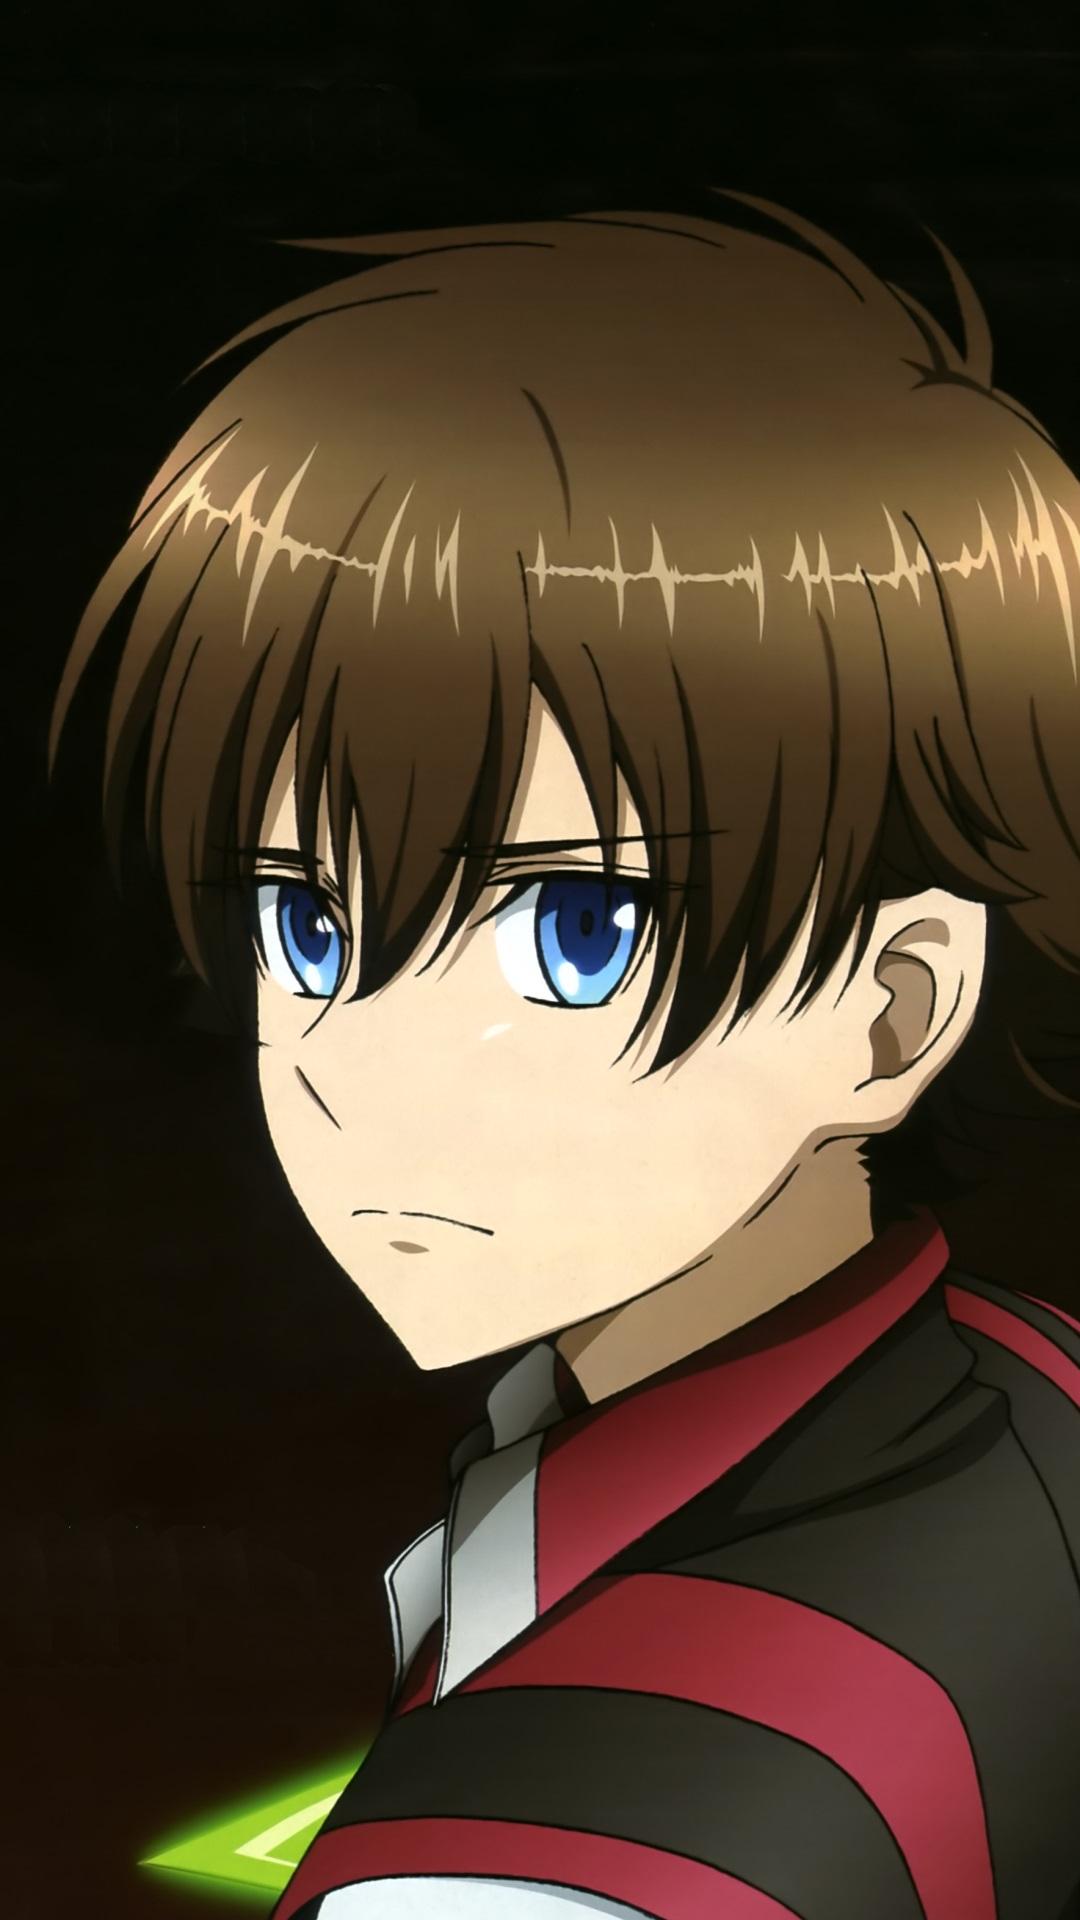 Image Result For Anime Wallpaper Lg Ga